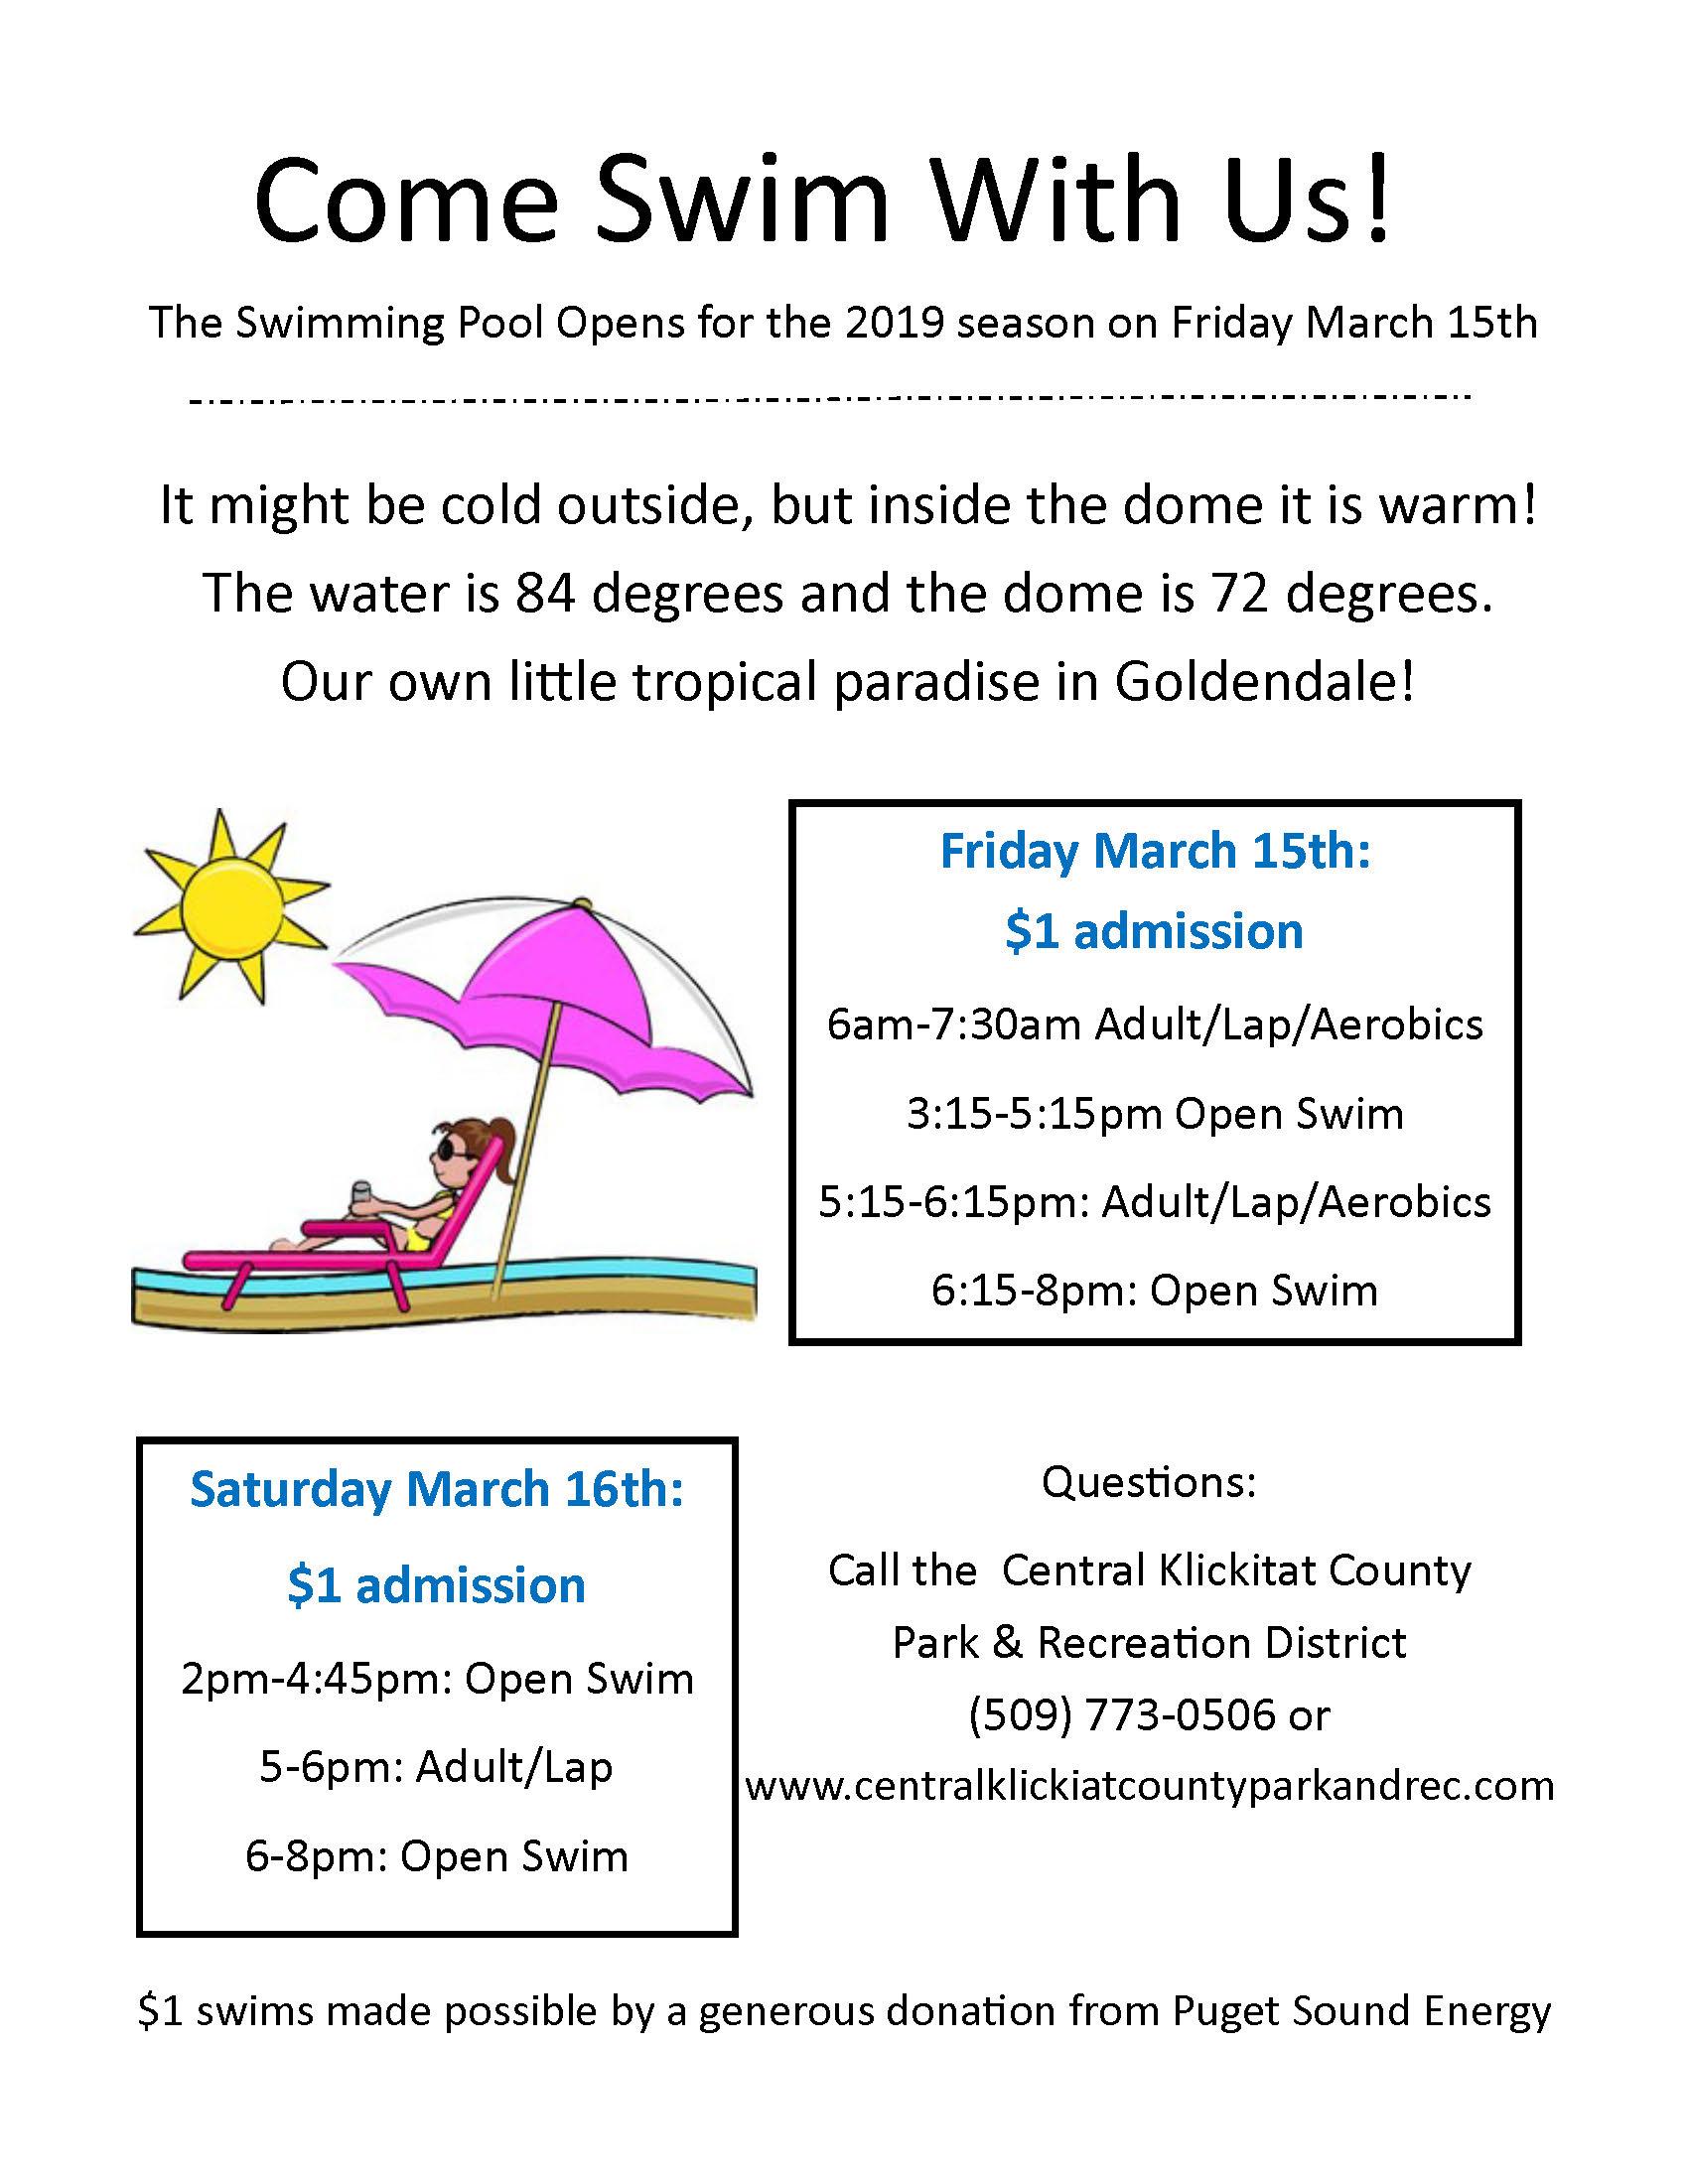 2019 Opening Weekend Dollar Swim